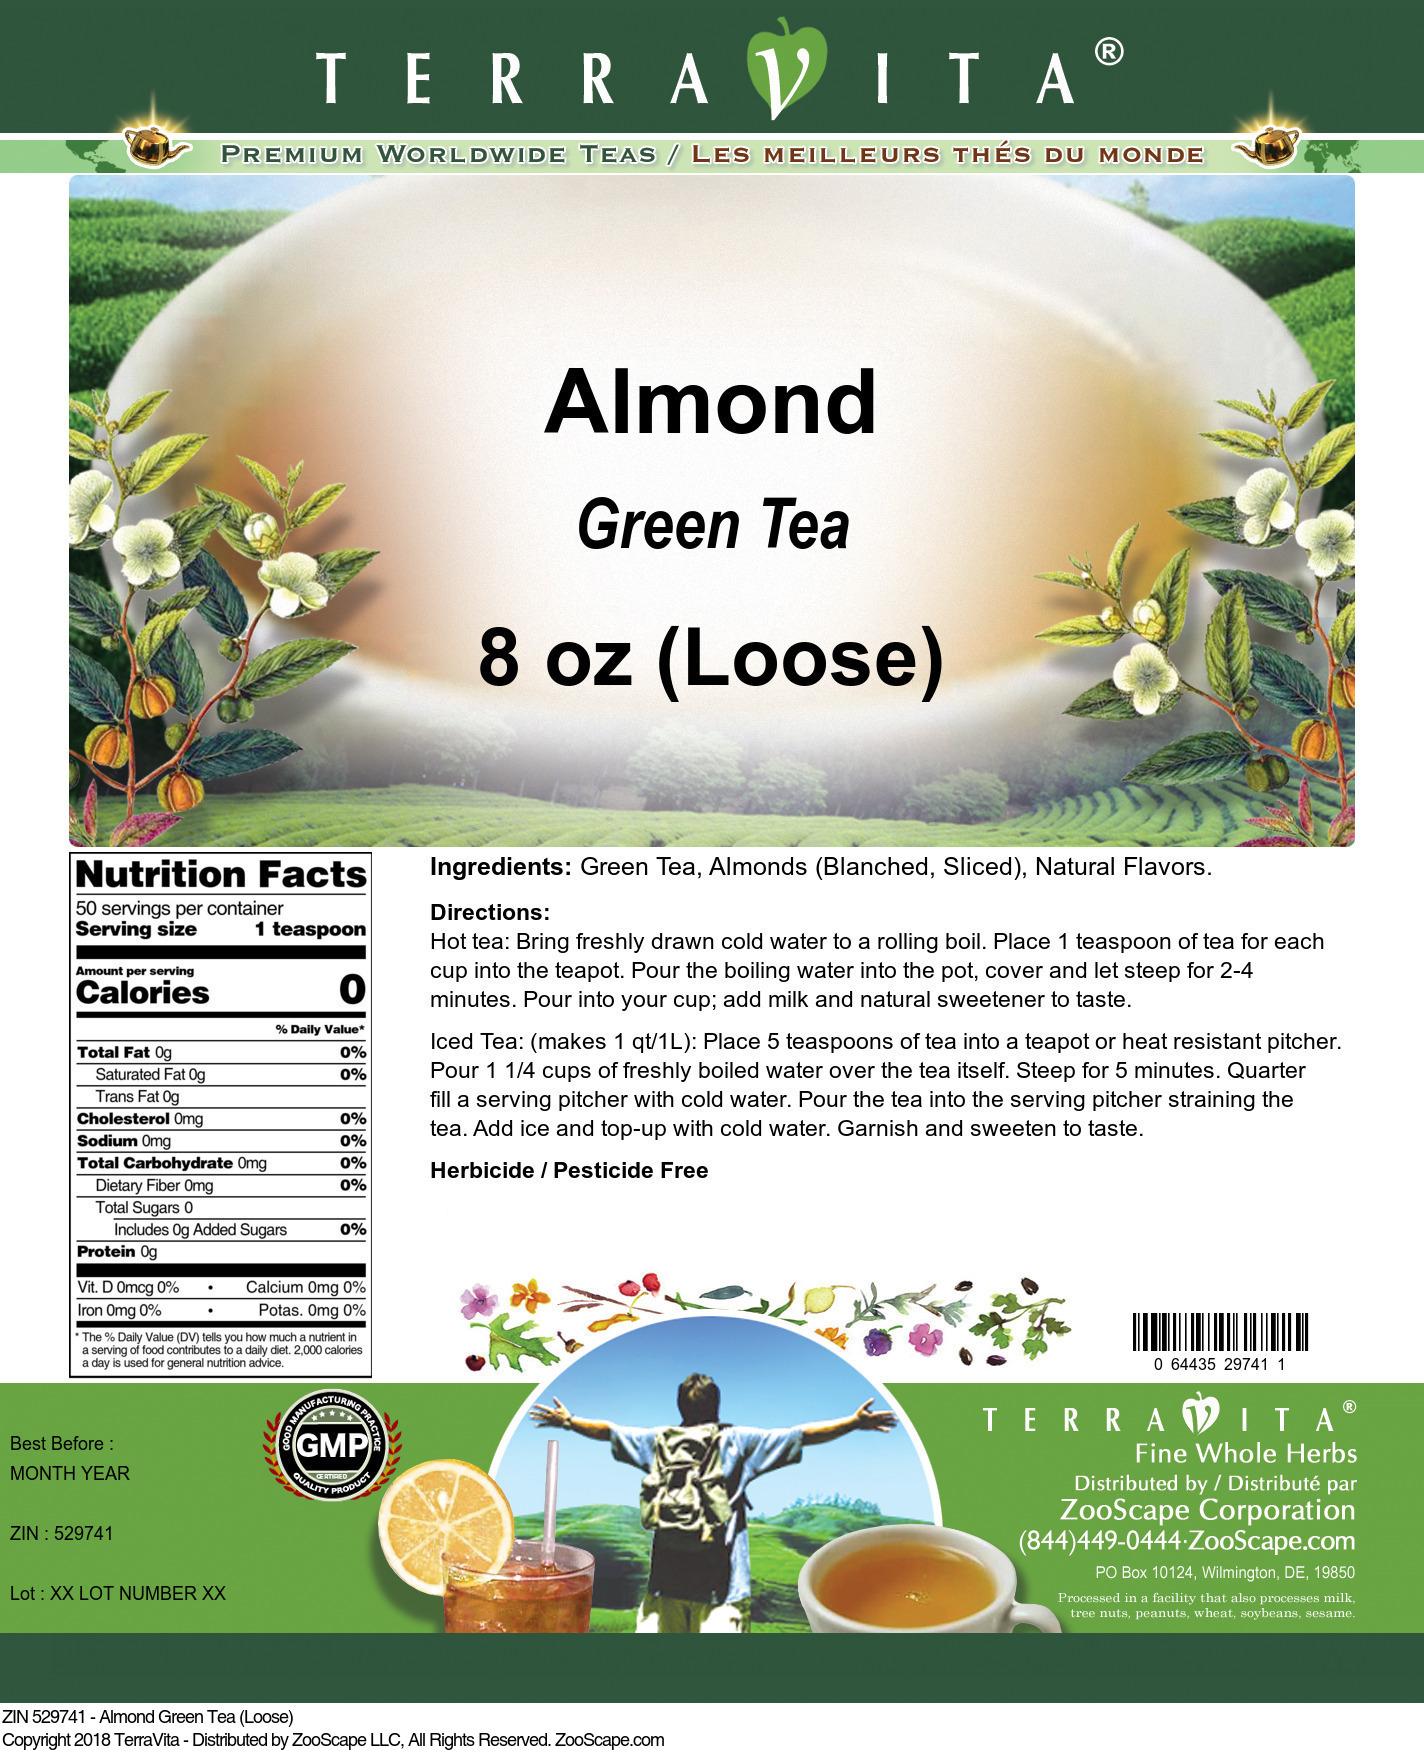 Almond Green Tea (Loose)